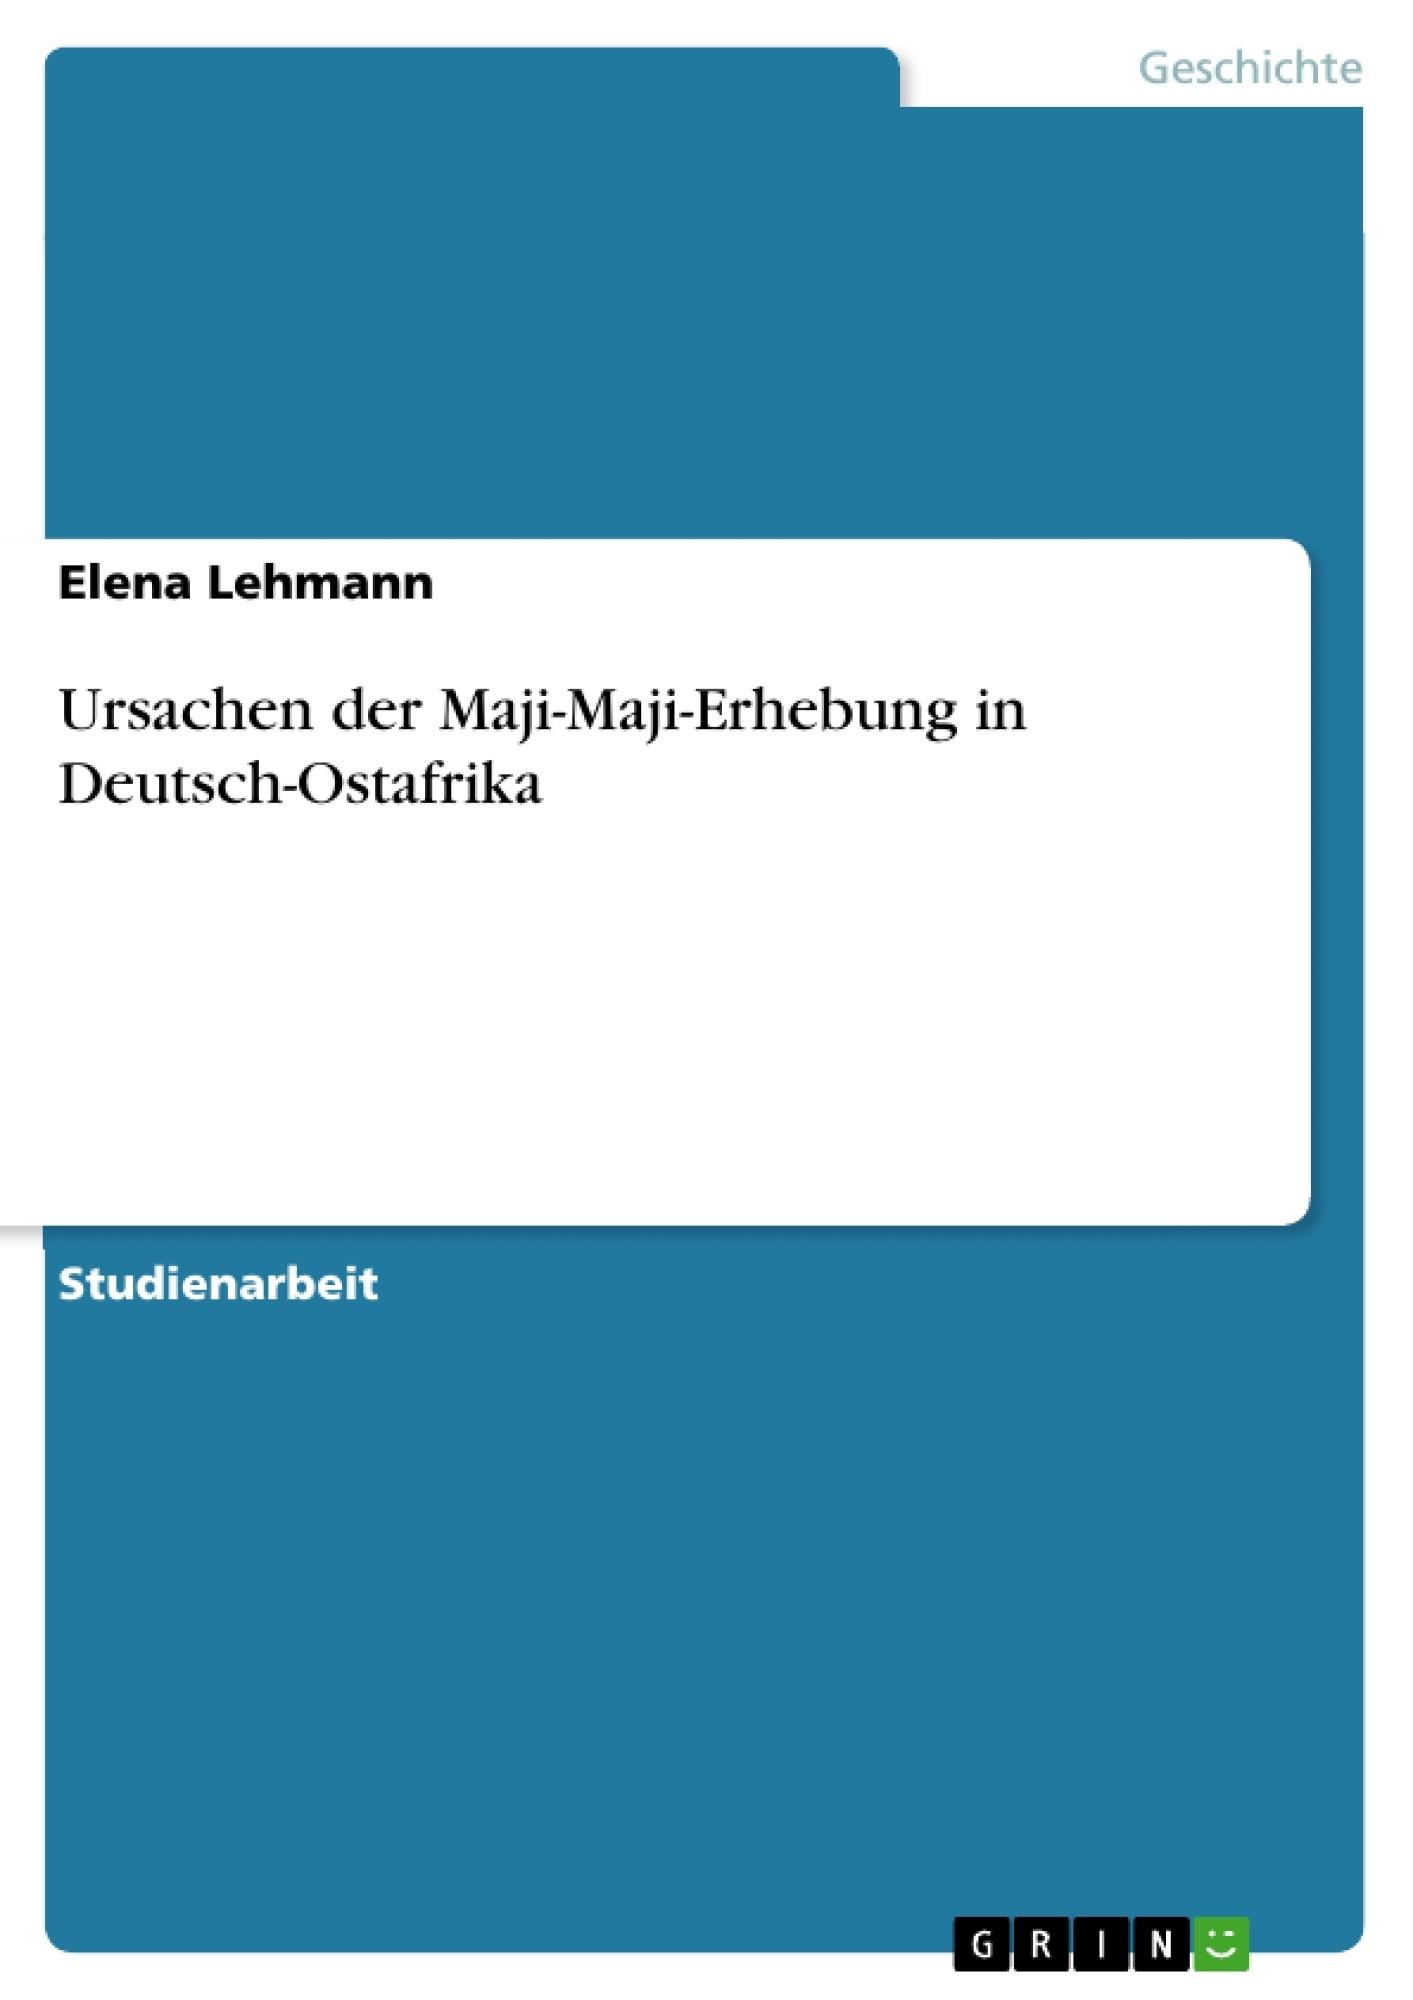 Titel: Ursachen der  Maji-Maji-Erhebung in Deutsch-Ostafrika